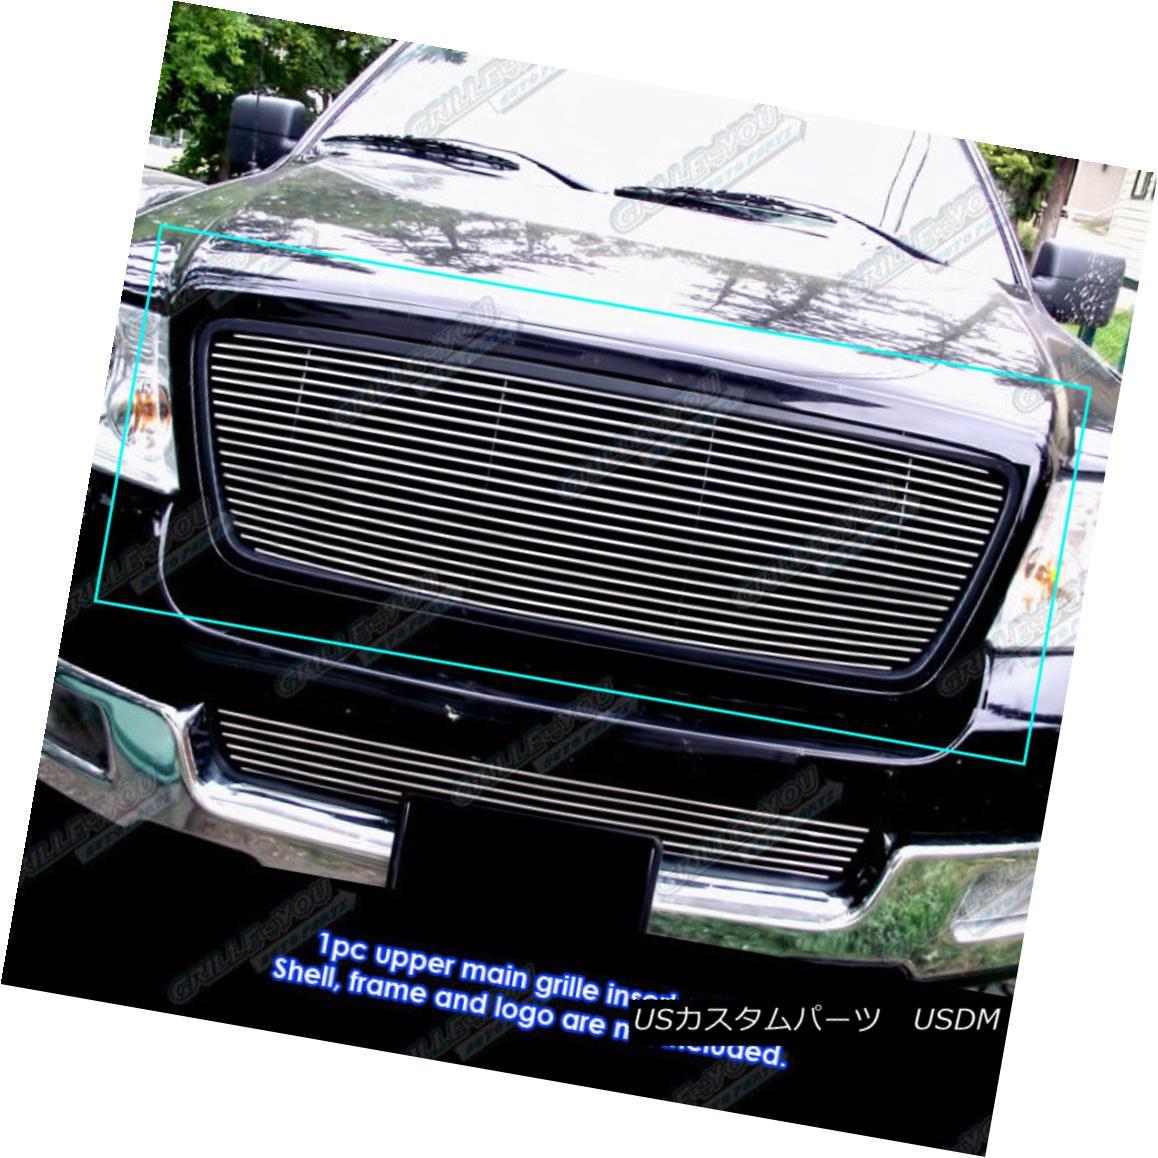 グリル Fits 04-08 Ford F-150 Honeycomb Style Main Upper Billet Grille Insert フィッティング04-08 Ford F-150ハニカムスタイルメインアッパービレットグリルインサート